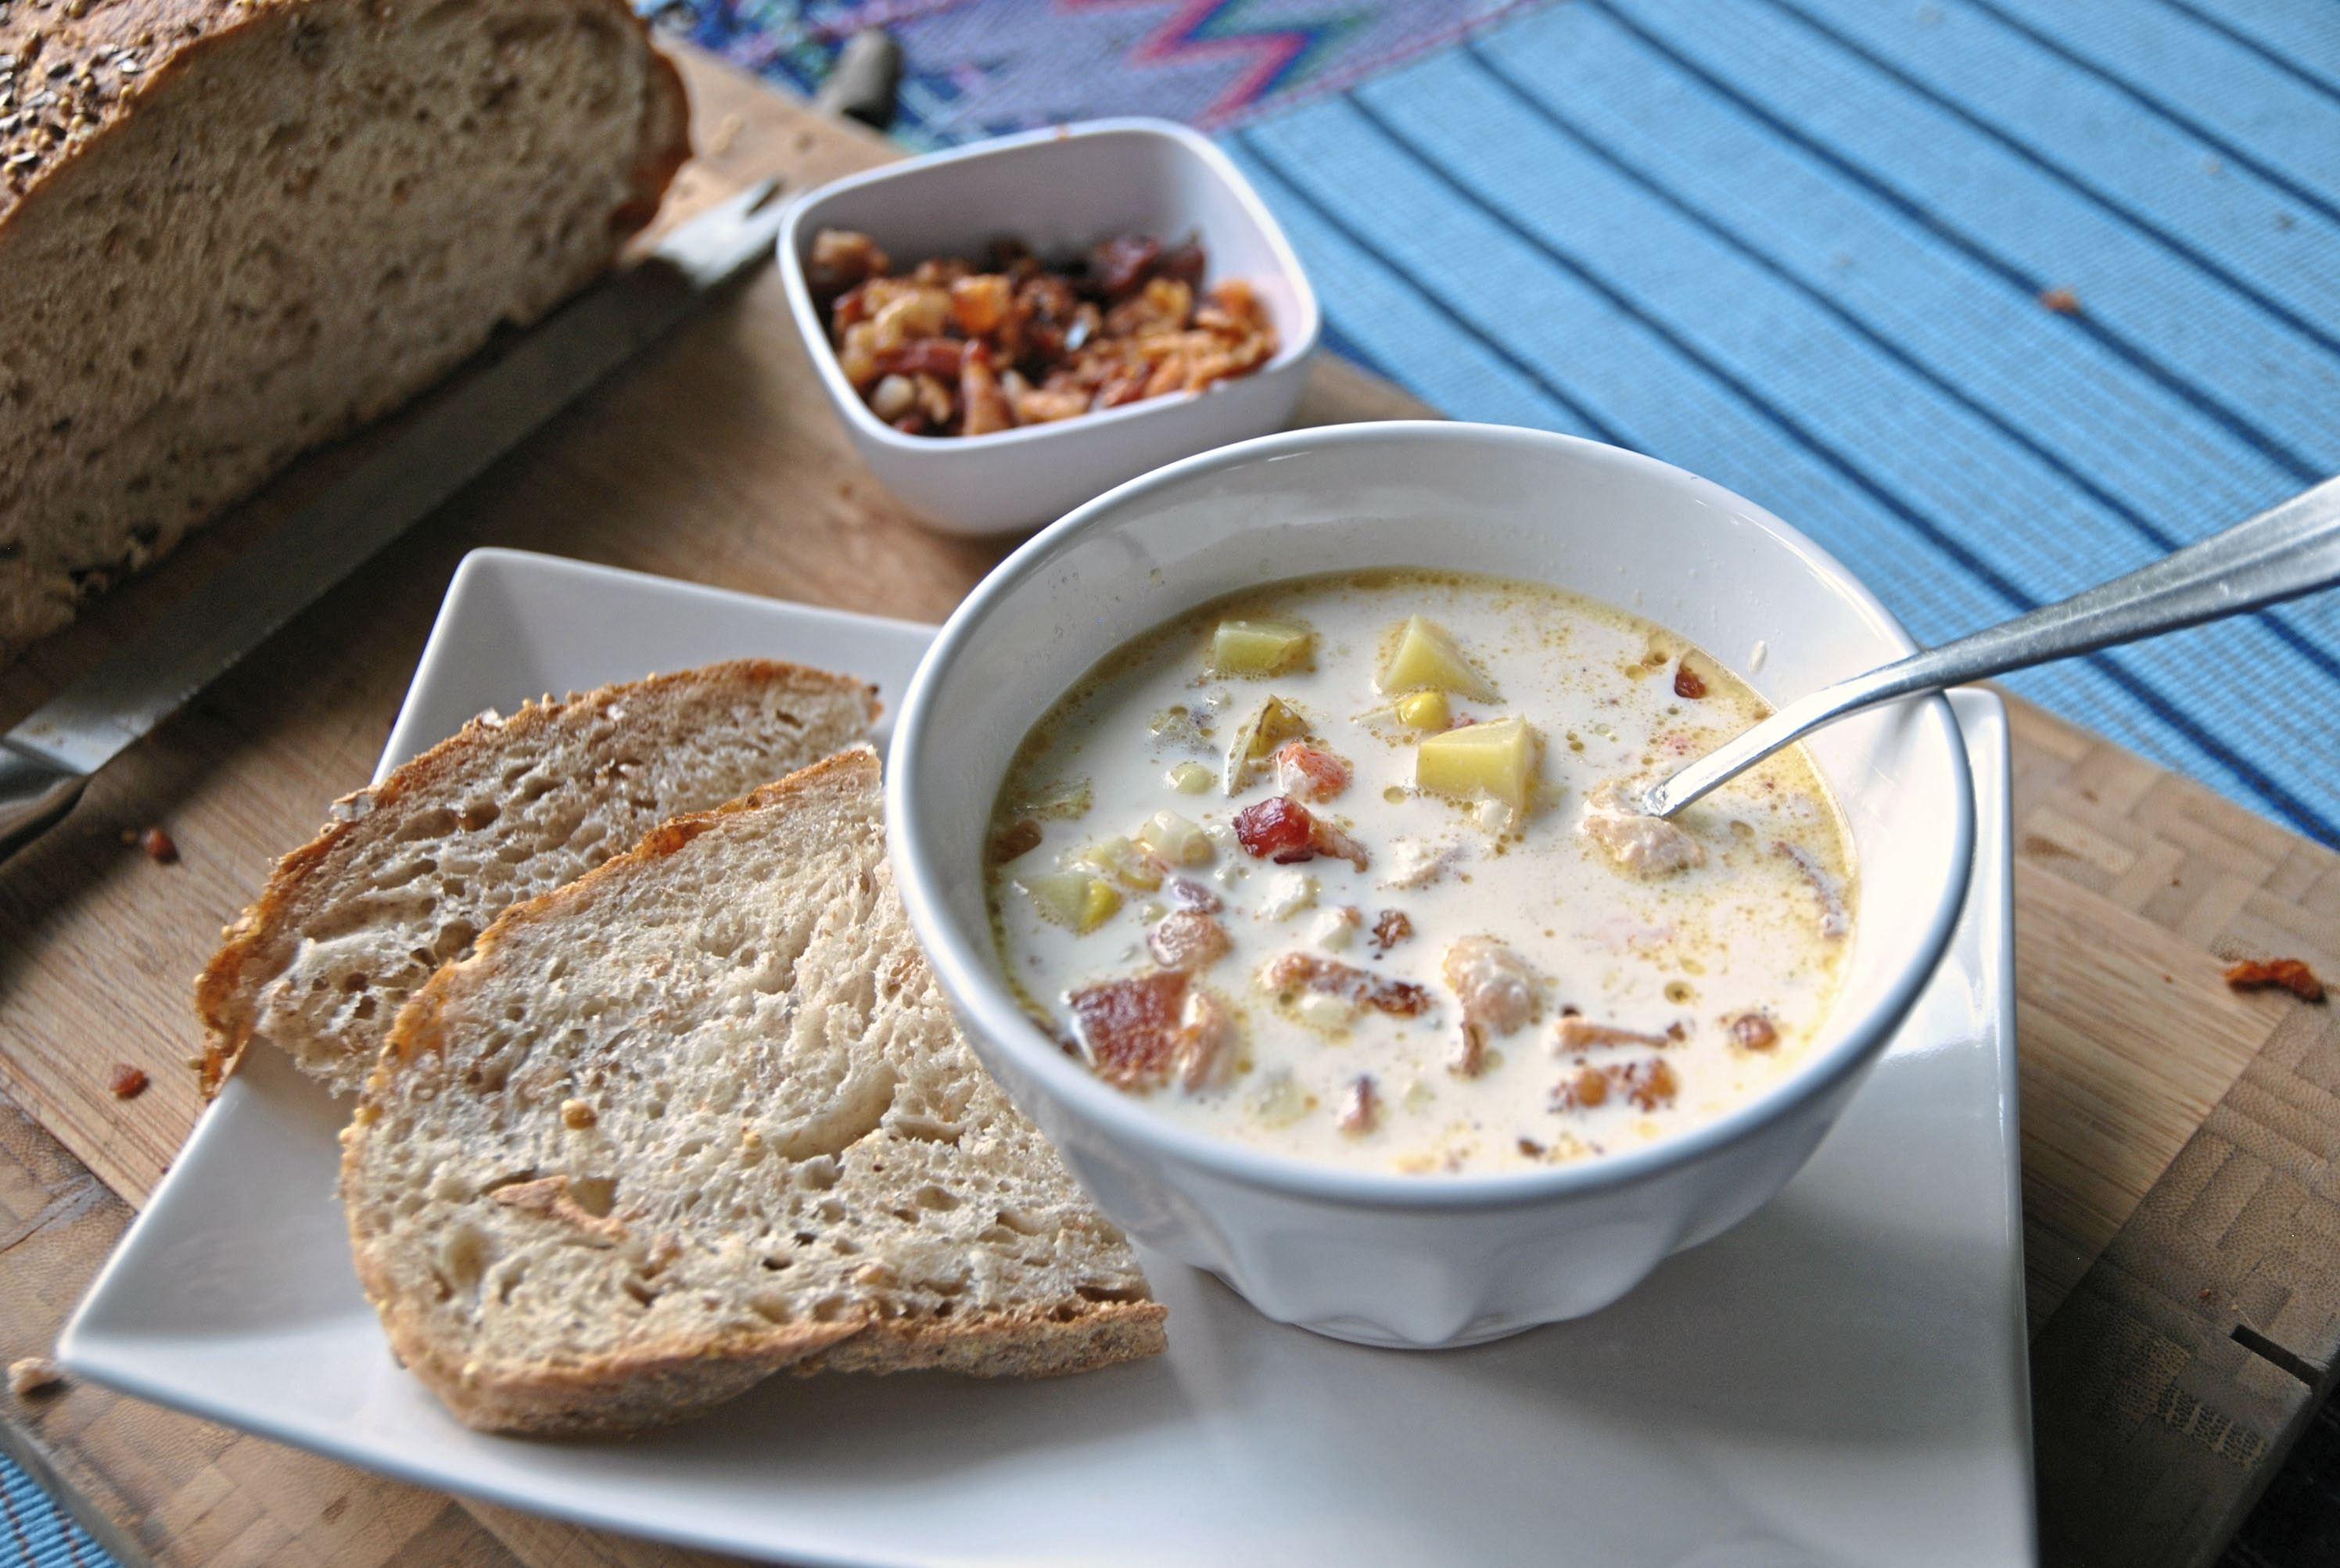 Corn-chowder-1 Creamy Corn Chowder